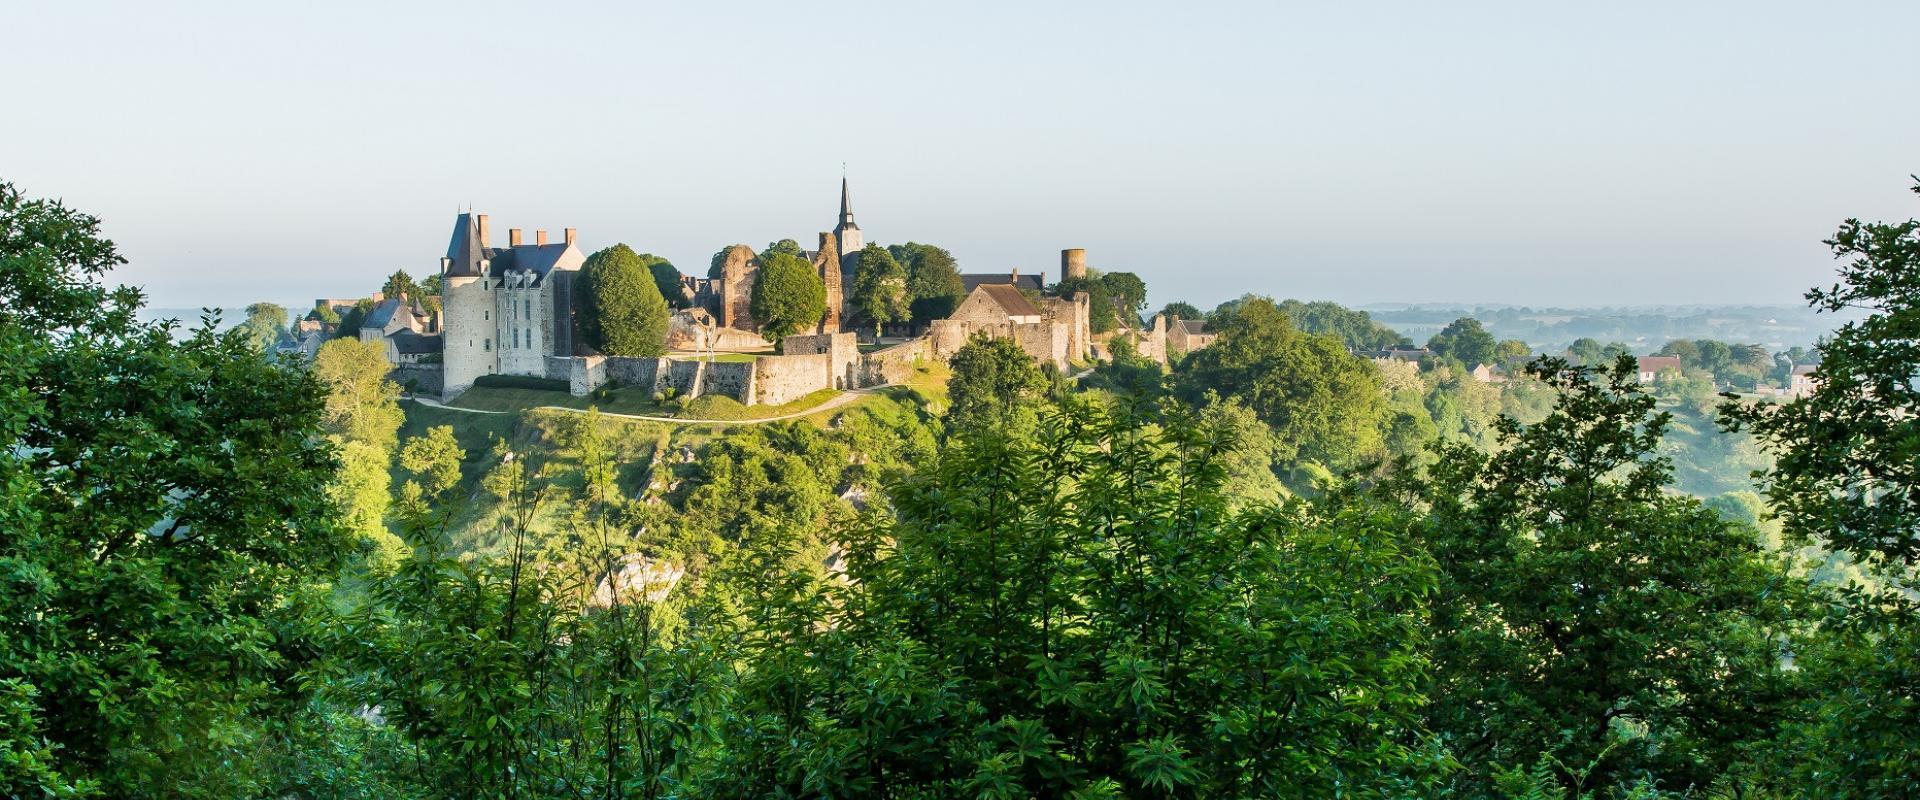 Sainte-Suzanne-cité-médiévale